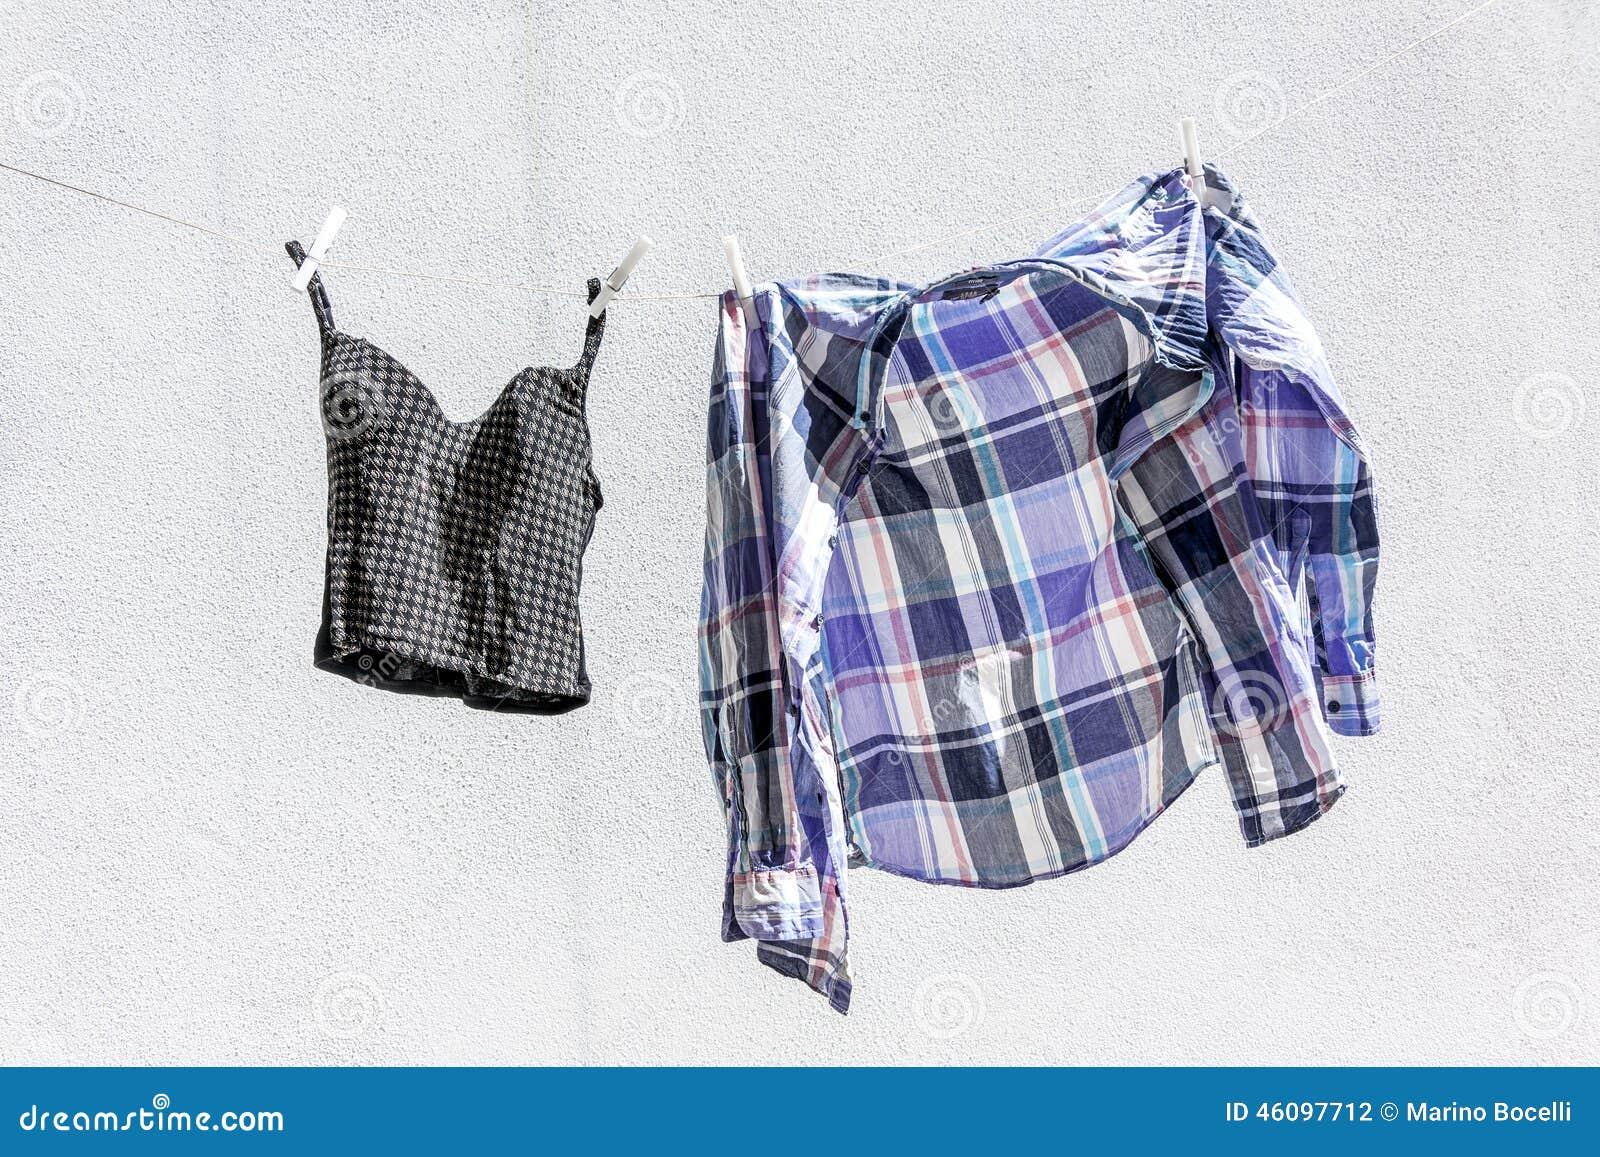 Vêtements traînés pour sécher